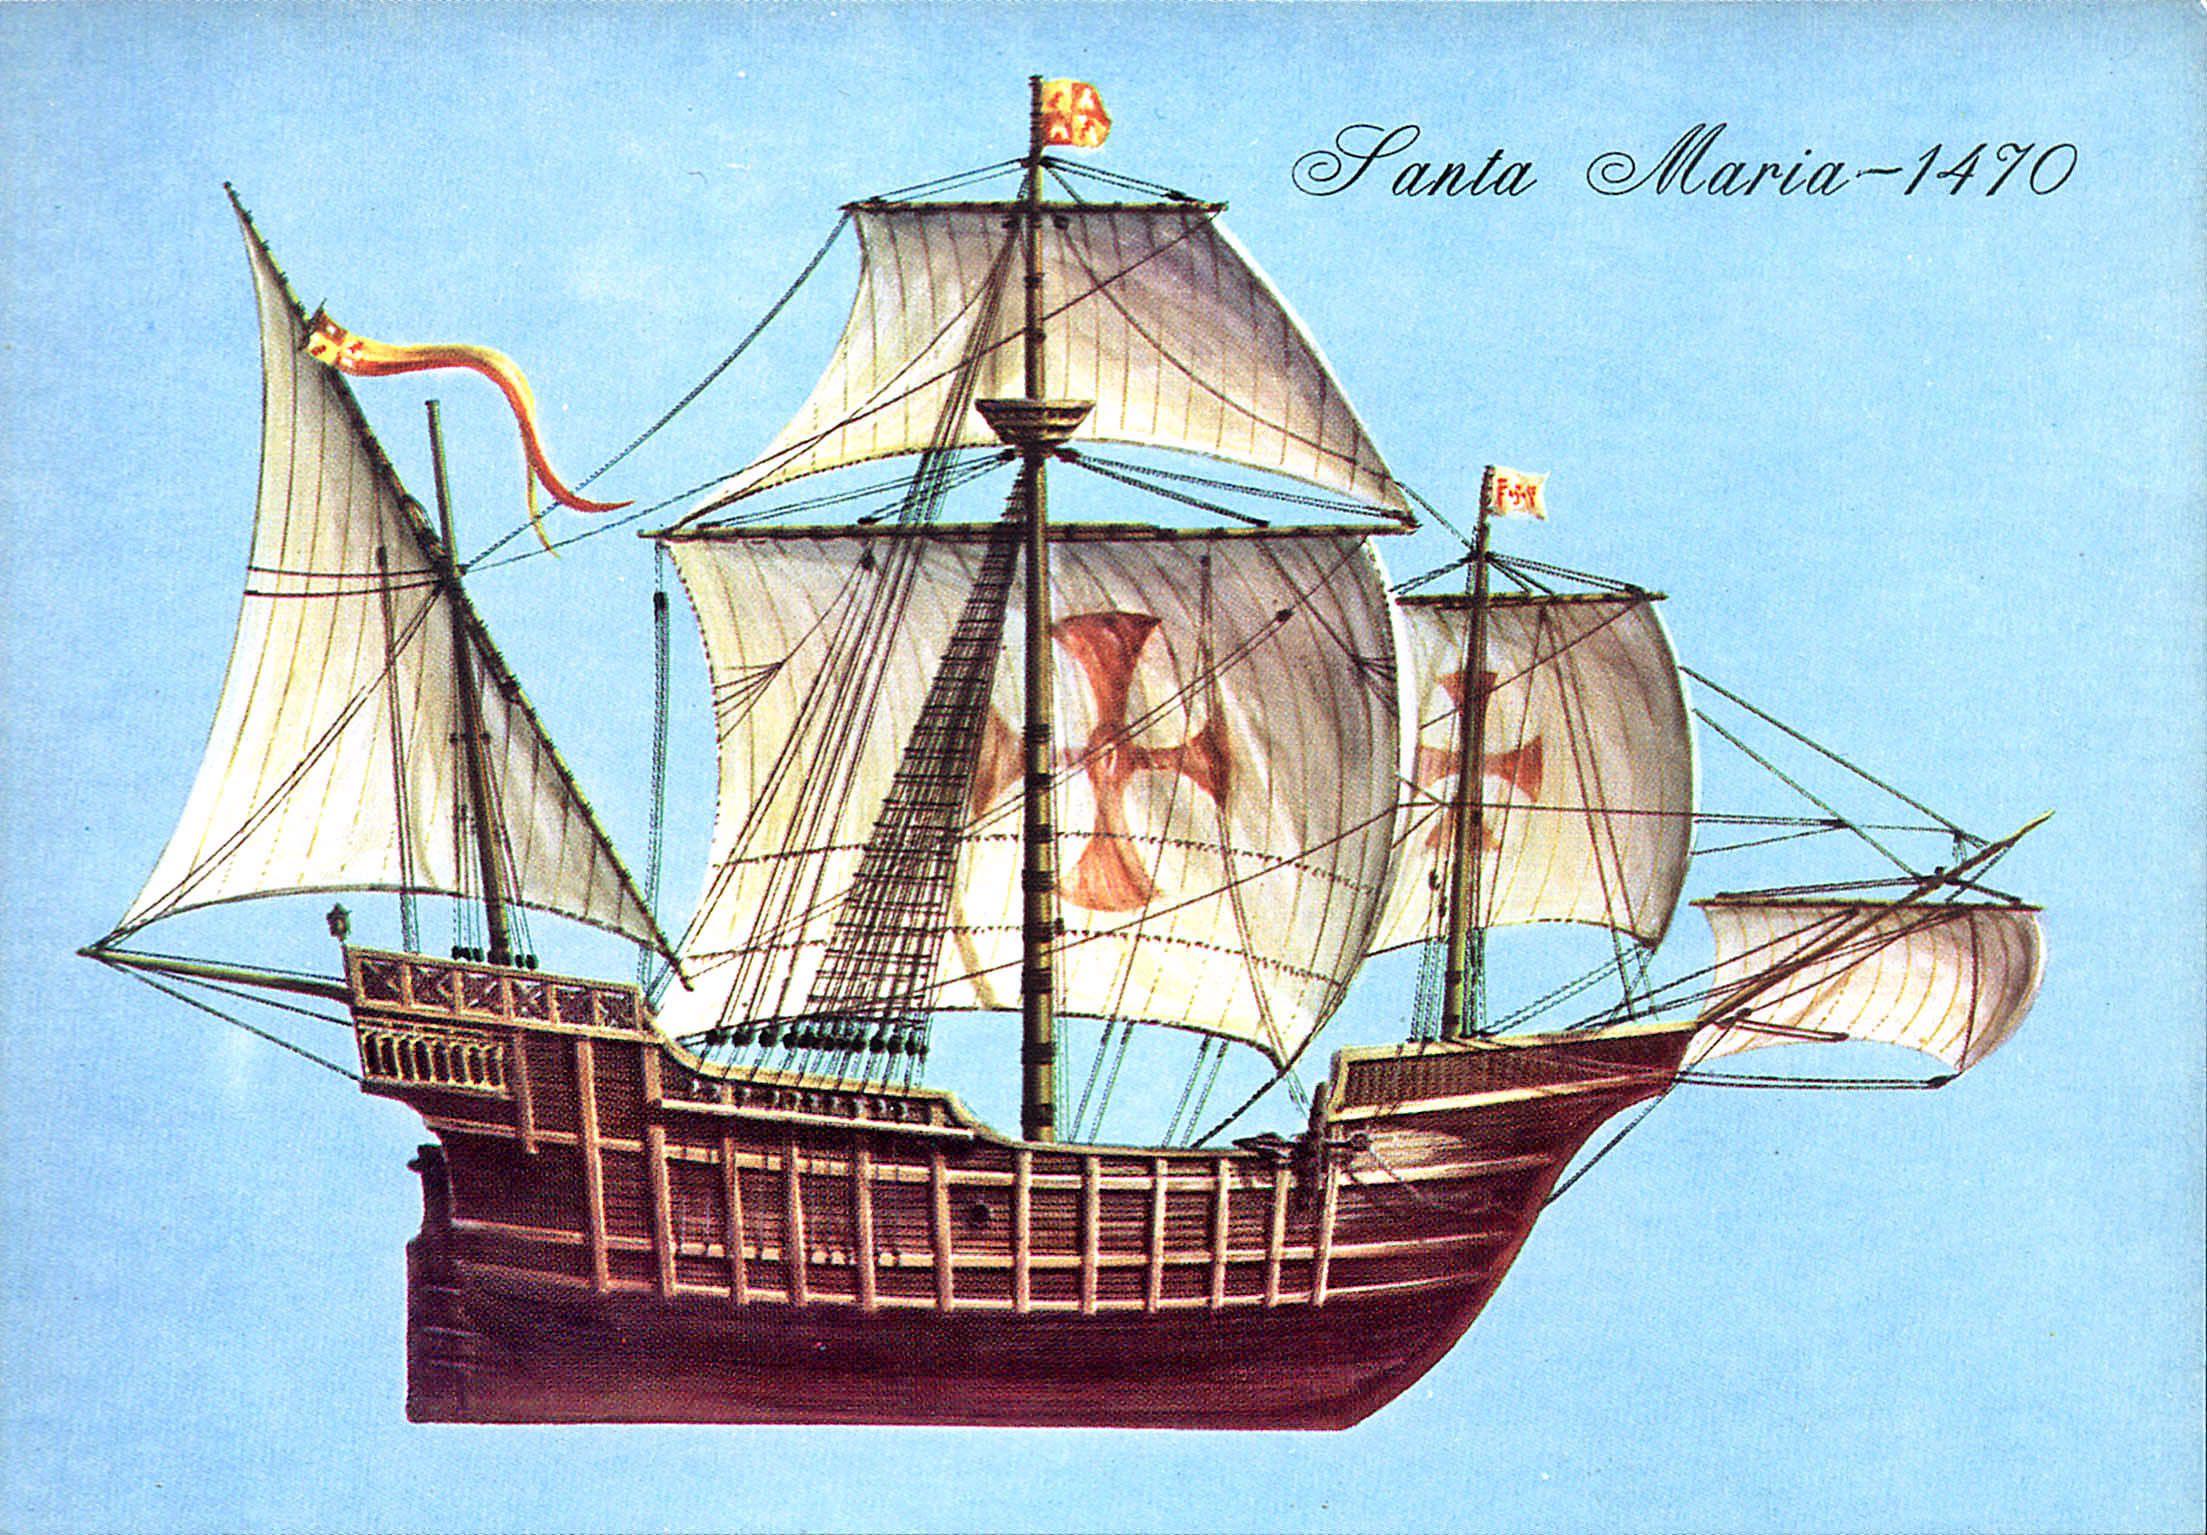 Картинки корабля санта мария